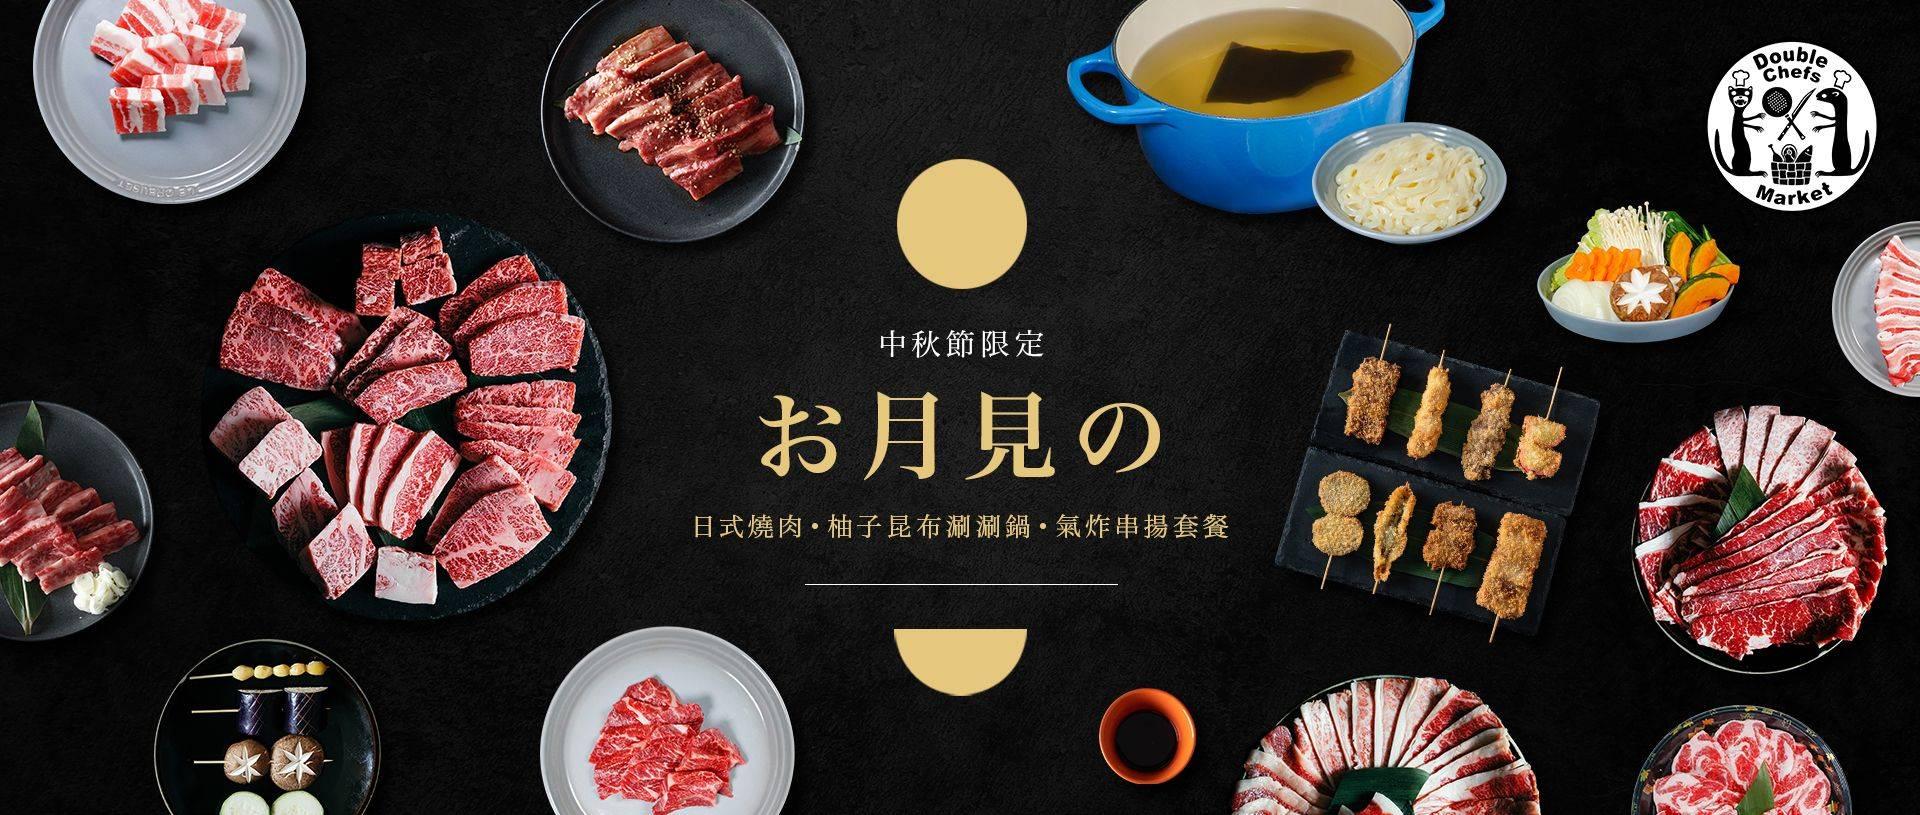 中秋節限定 お月見の套餐|Double Chefs Market